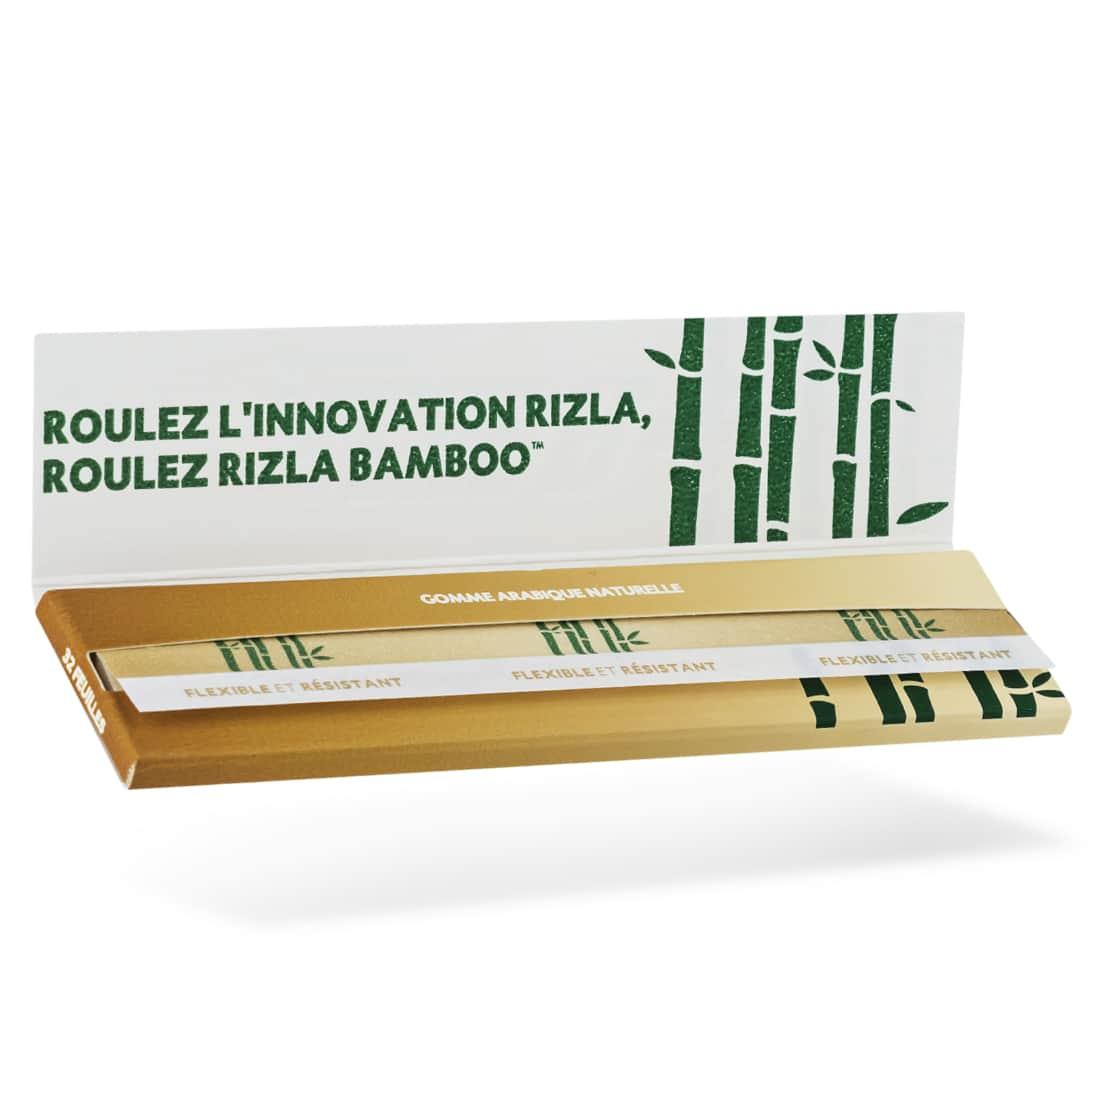 Photo #1 de Papier à rouler Rizla + Bamboo Slim x 1